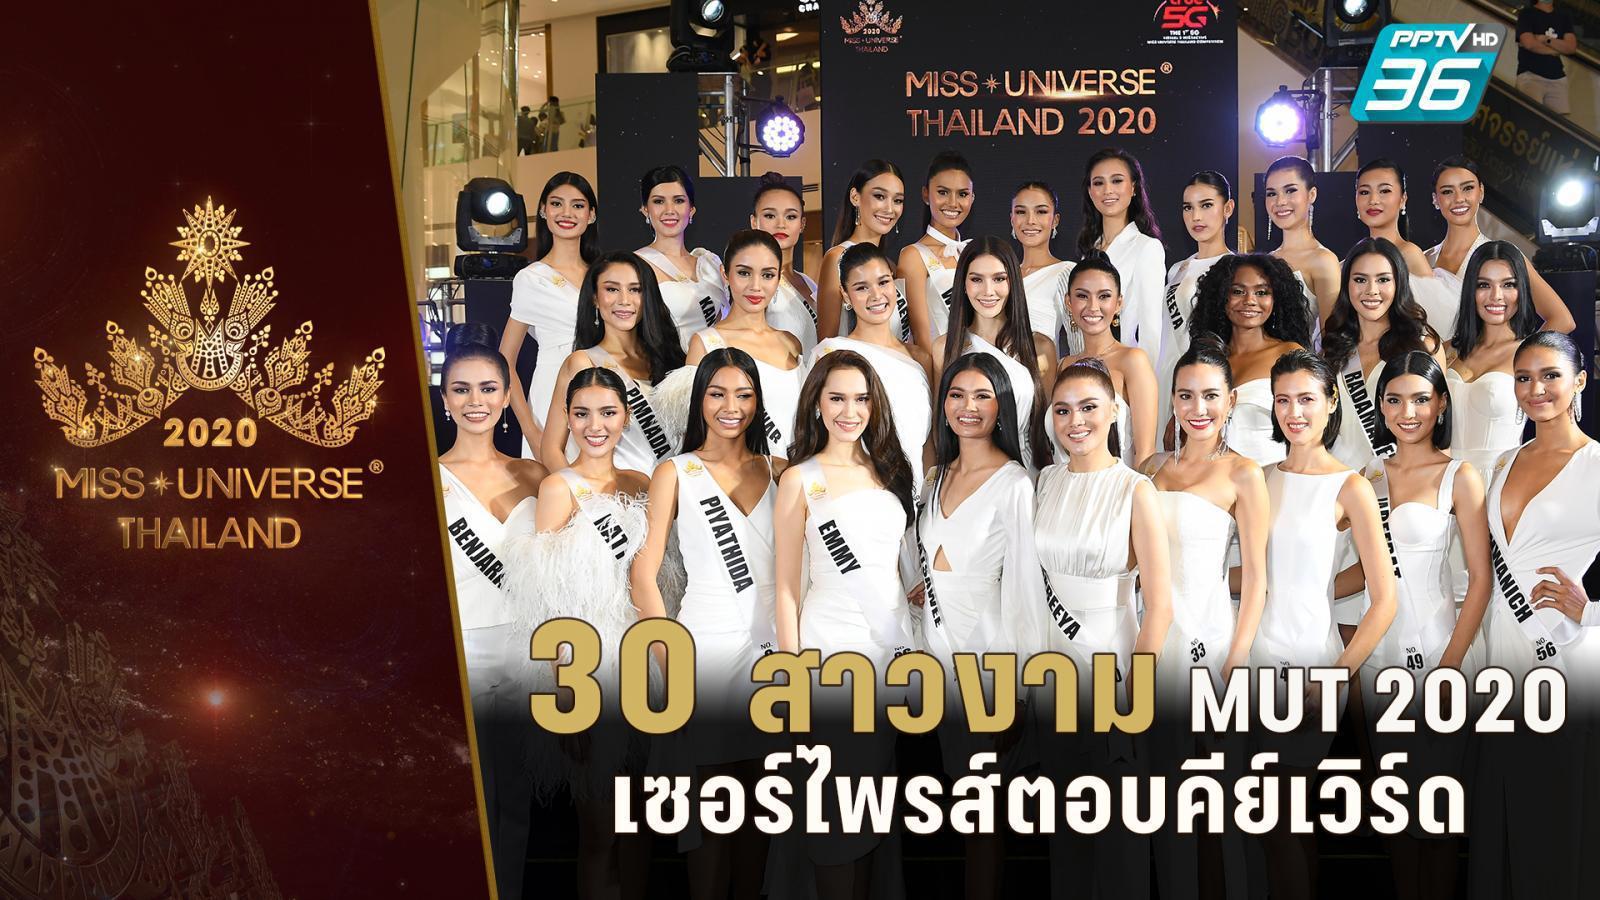 เผยโฉม 30 สาวงาม Miss Universe Thailand 2020 พร้อมเซอร์ไพรส์ตอบคีย์เวิร์ด